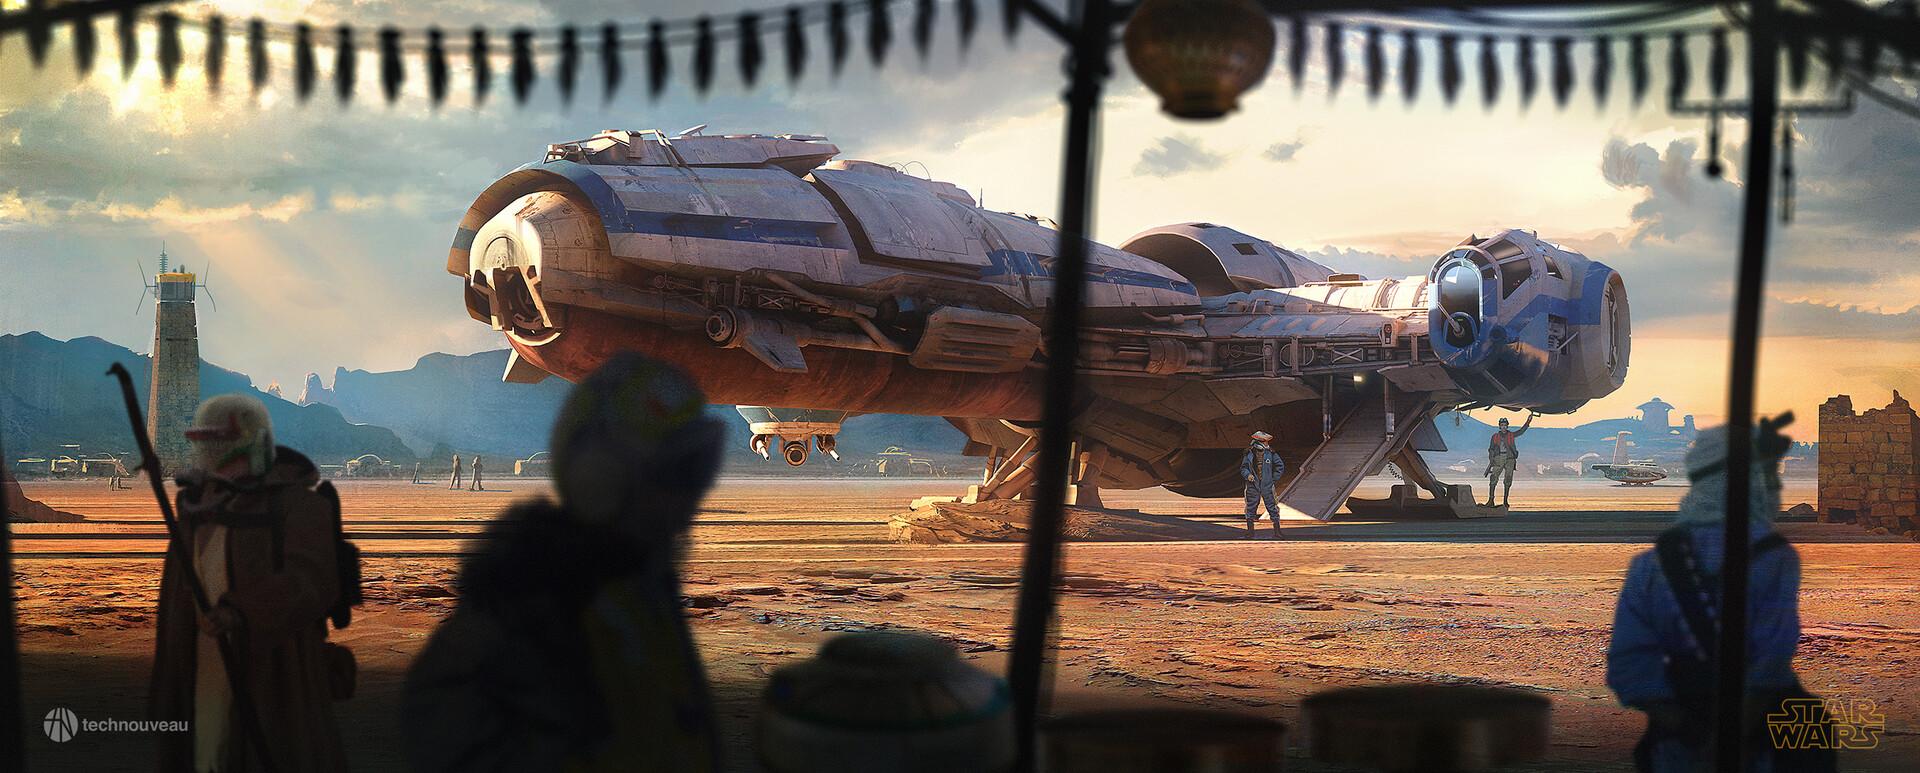 The Sci-Fi & Star Wars Art of Rasmus Poulsen